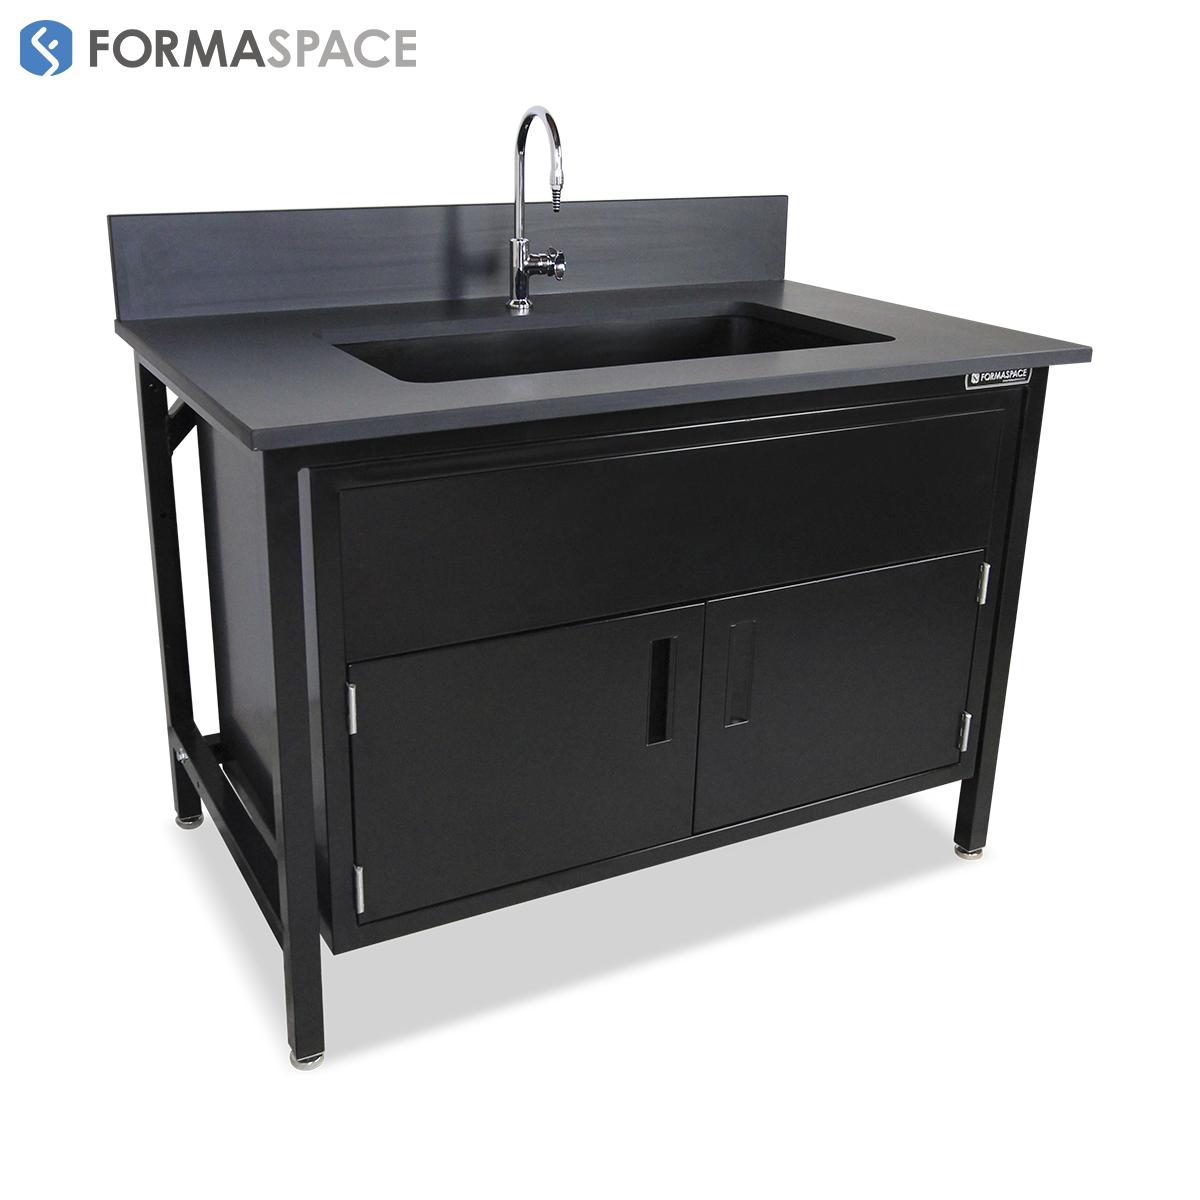 Black Epoxy Sink Basix with Double Door Steel Cabinet